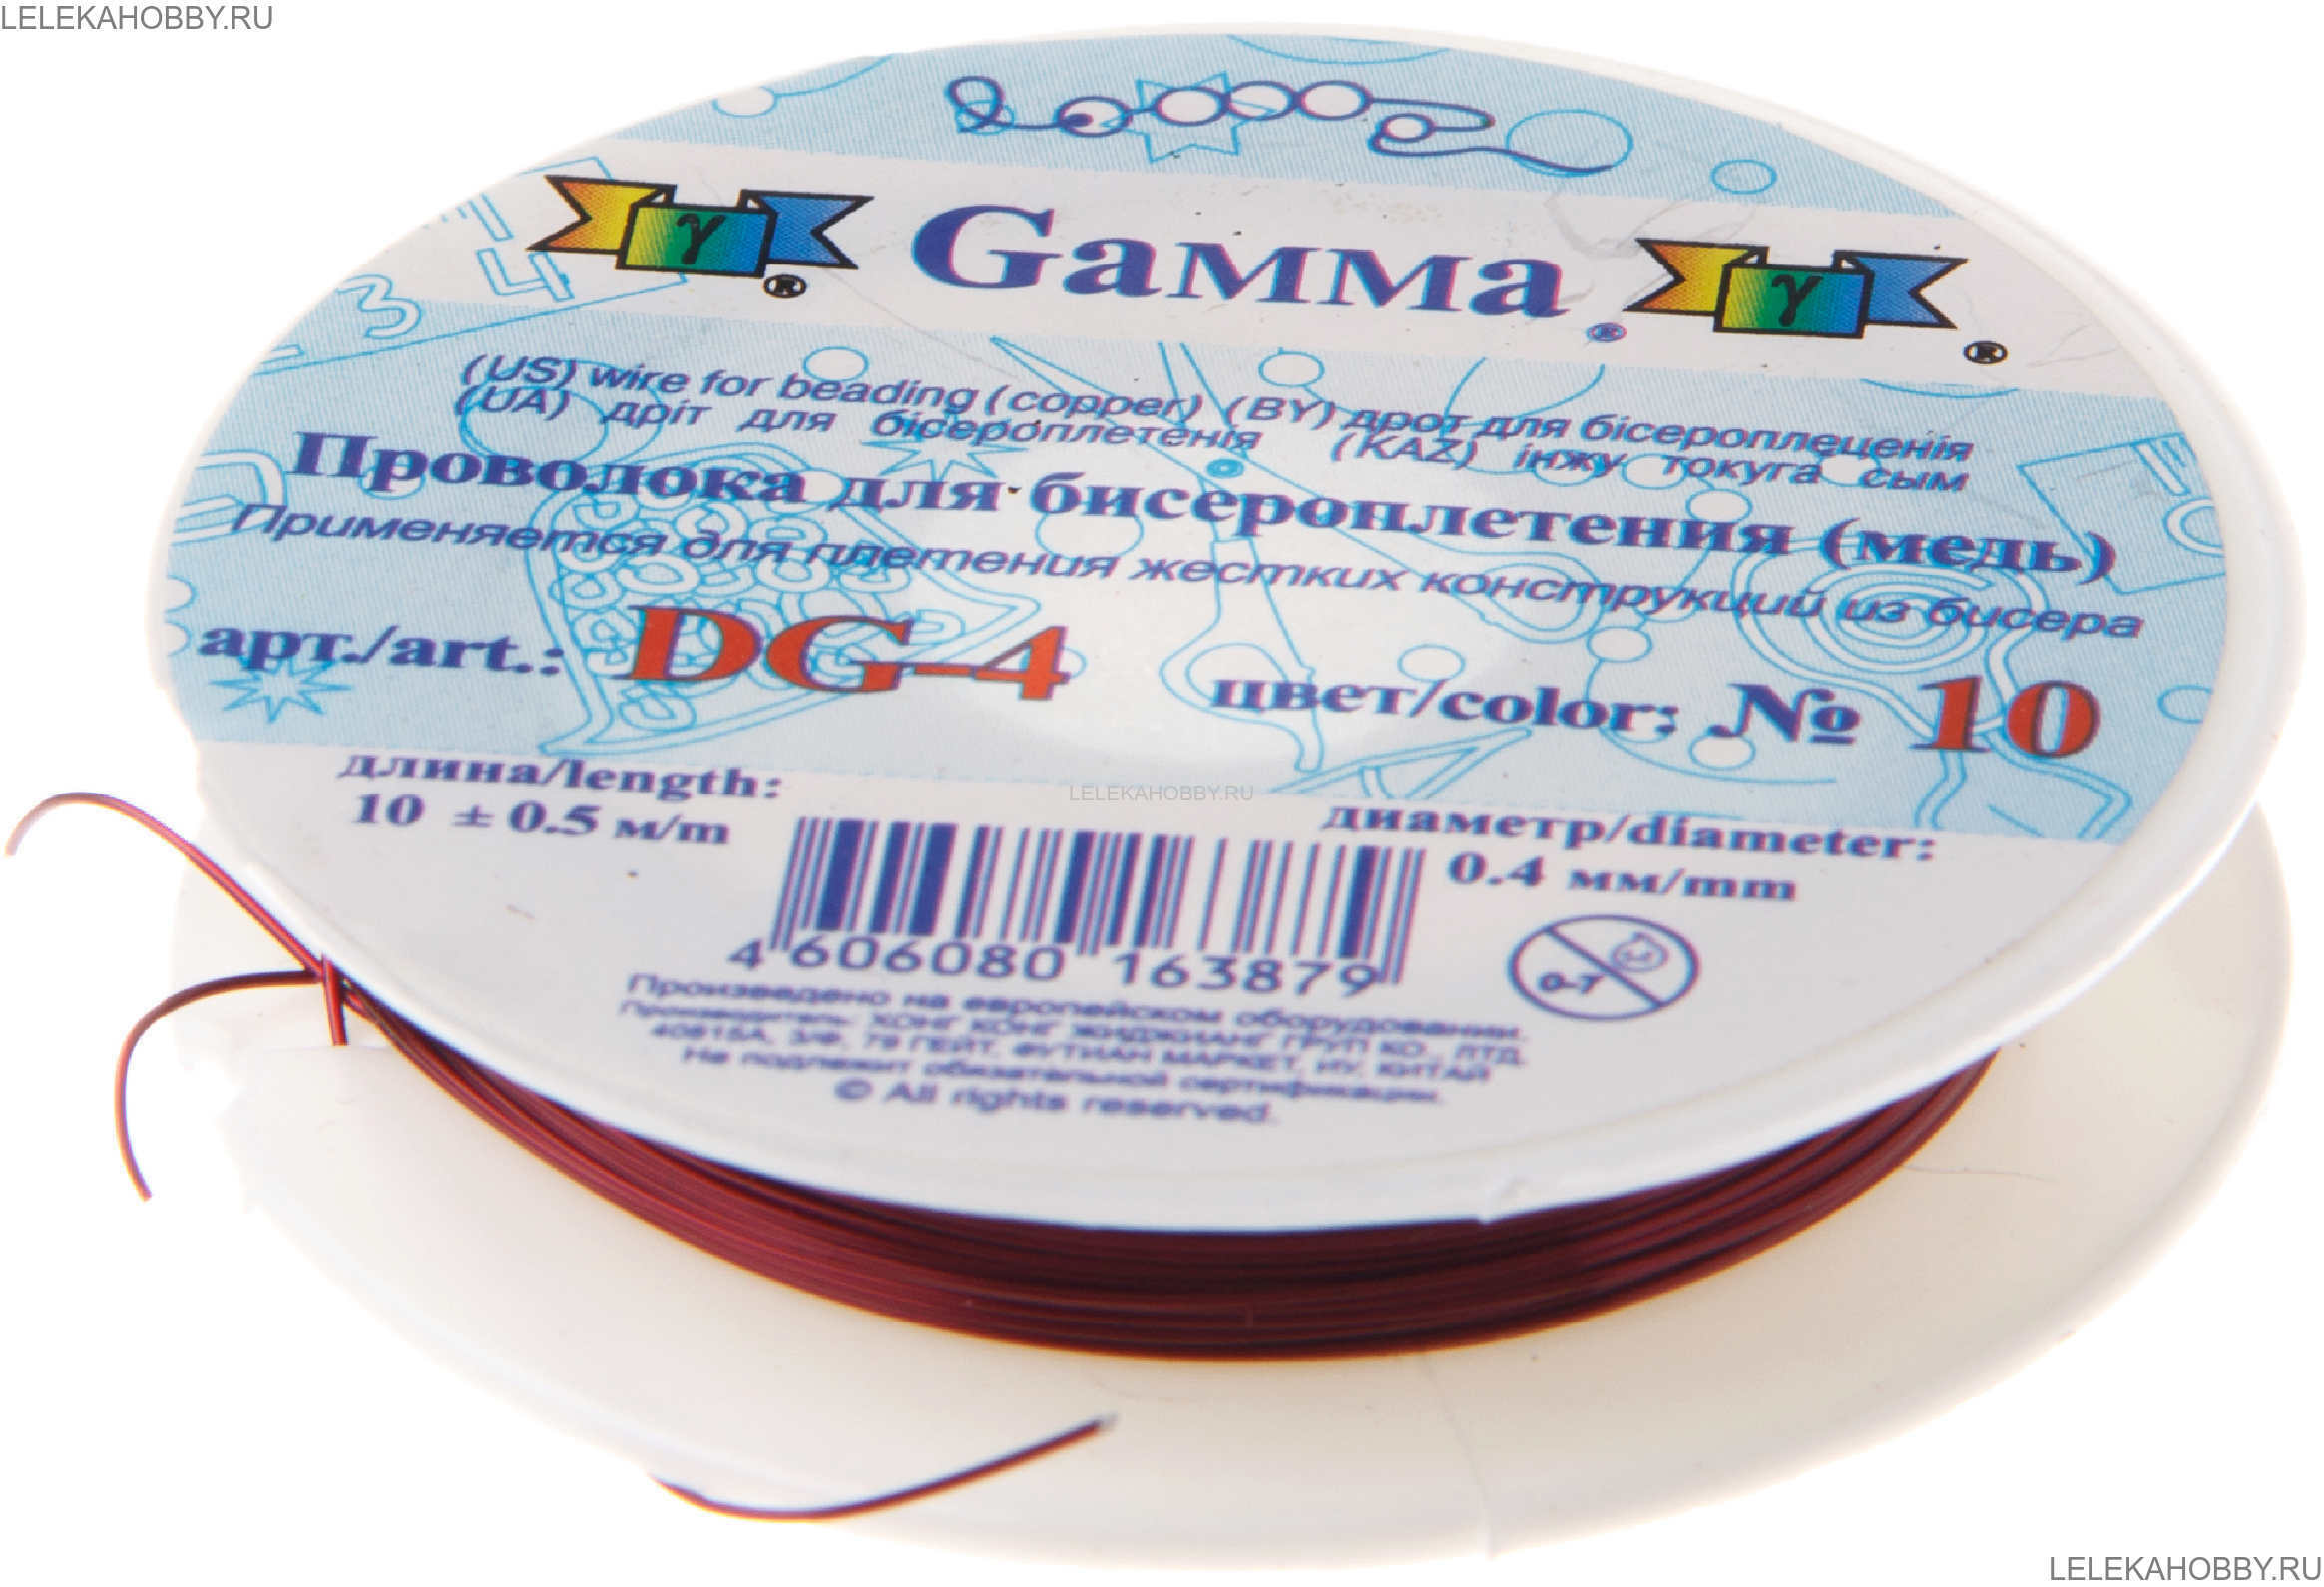 проволока для бисероплетения gamma - Вышивка бисером.